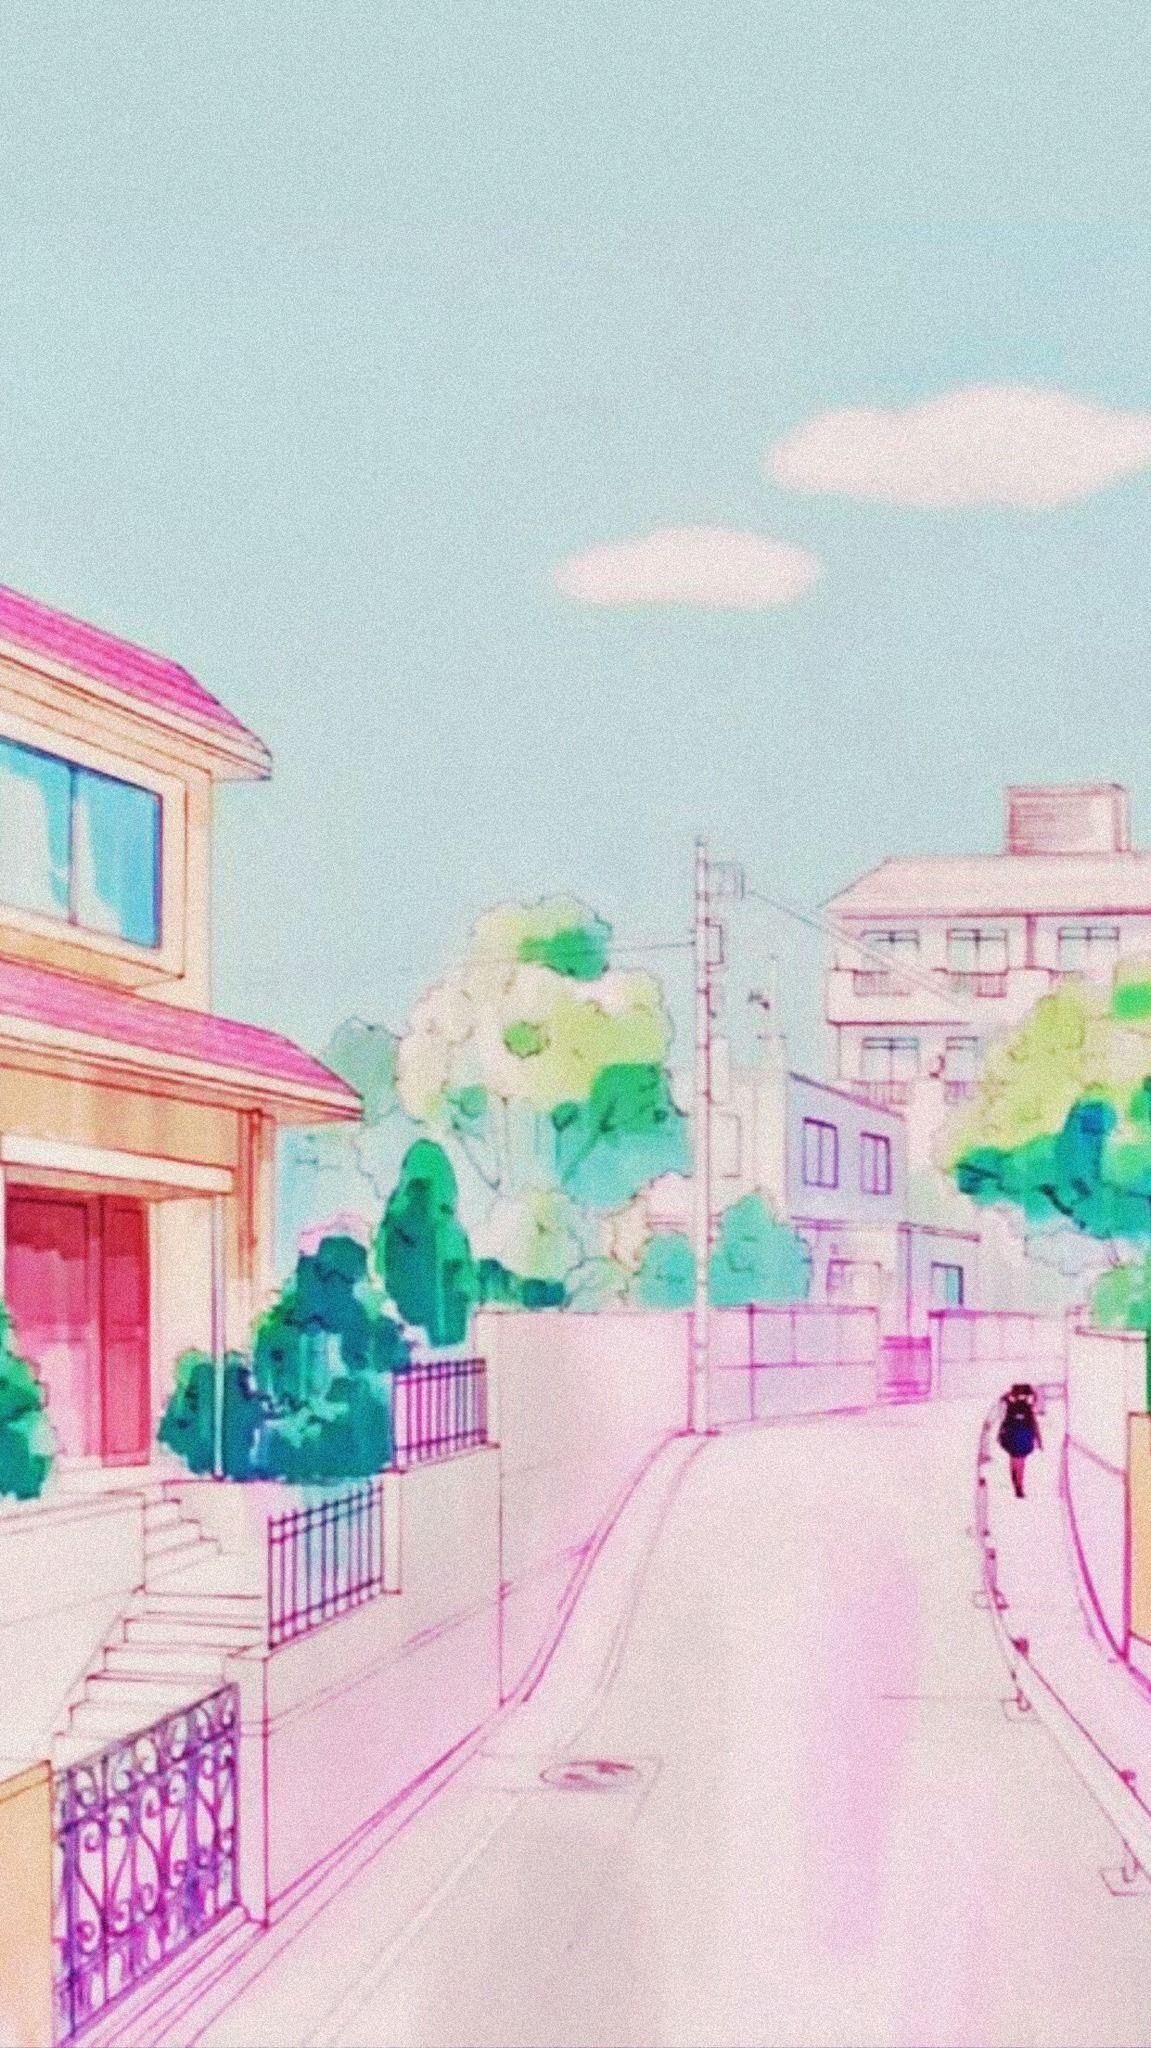 Anime Aesthetic 90s Lockscreen Animefanart Animelovers Animeislife In 2020 Anime Wallpaper Anime Background Aesthetic Anime